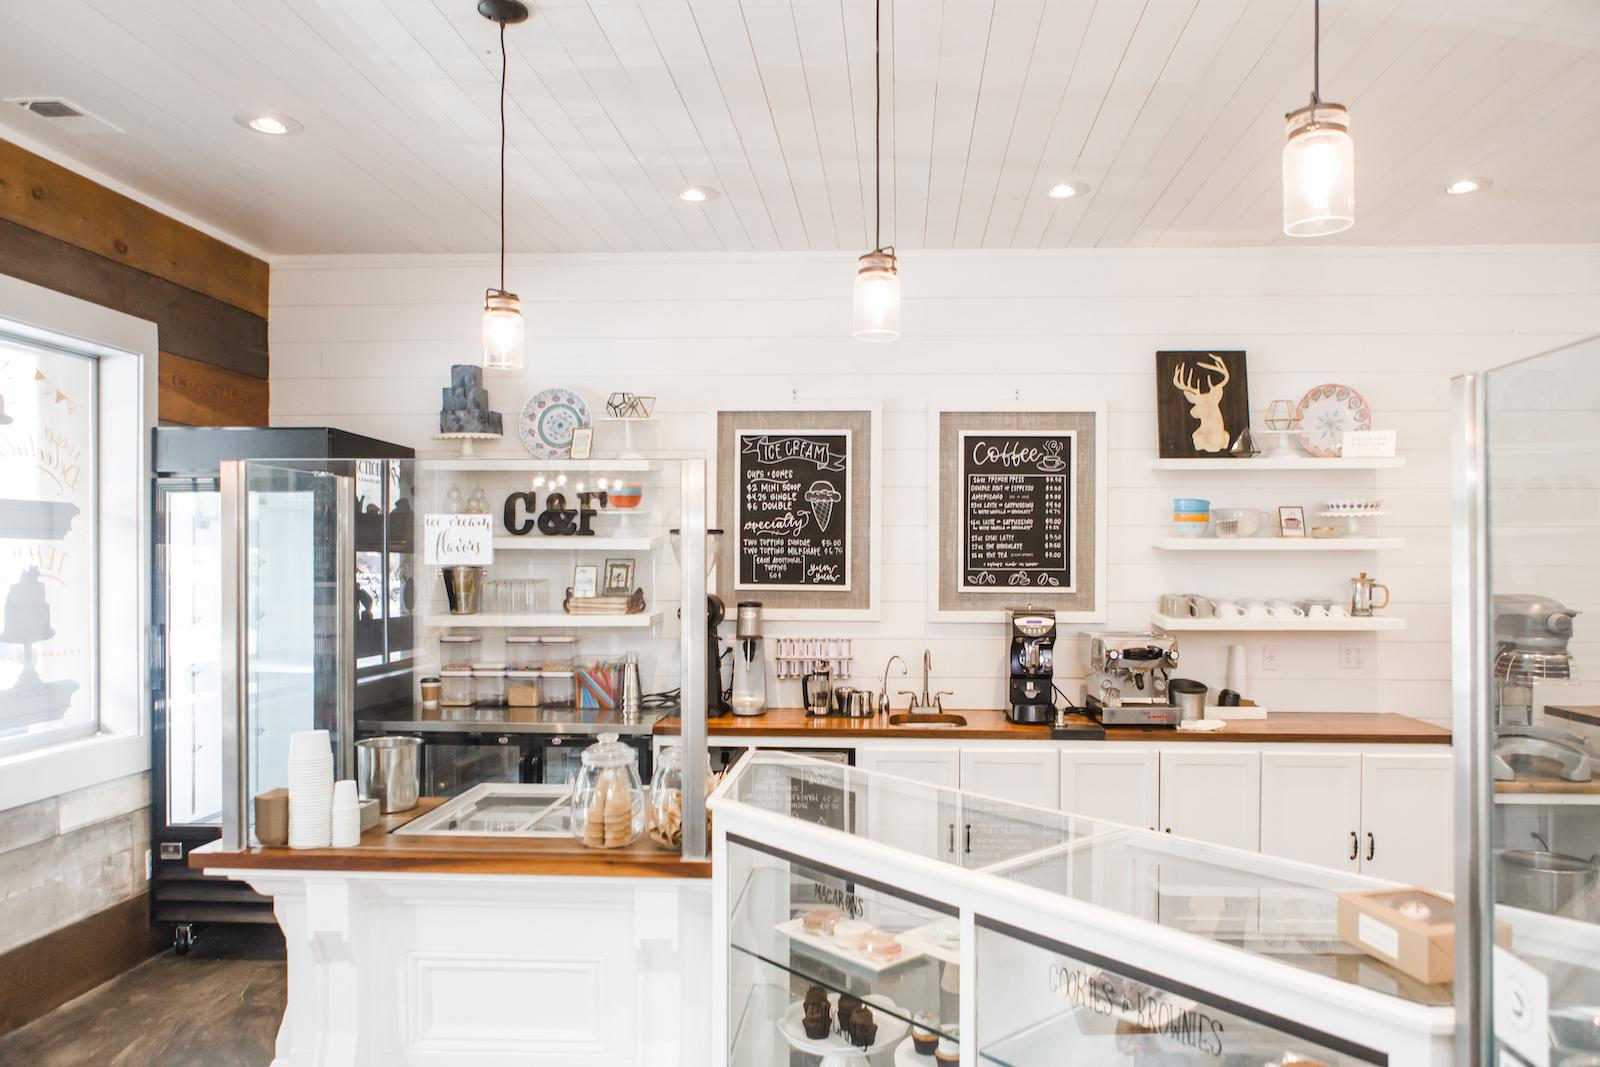 Cream-and-Flutter-Bakery-Storefront-Tour-1.jpg